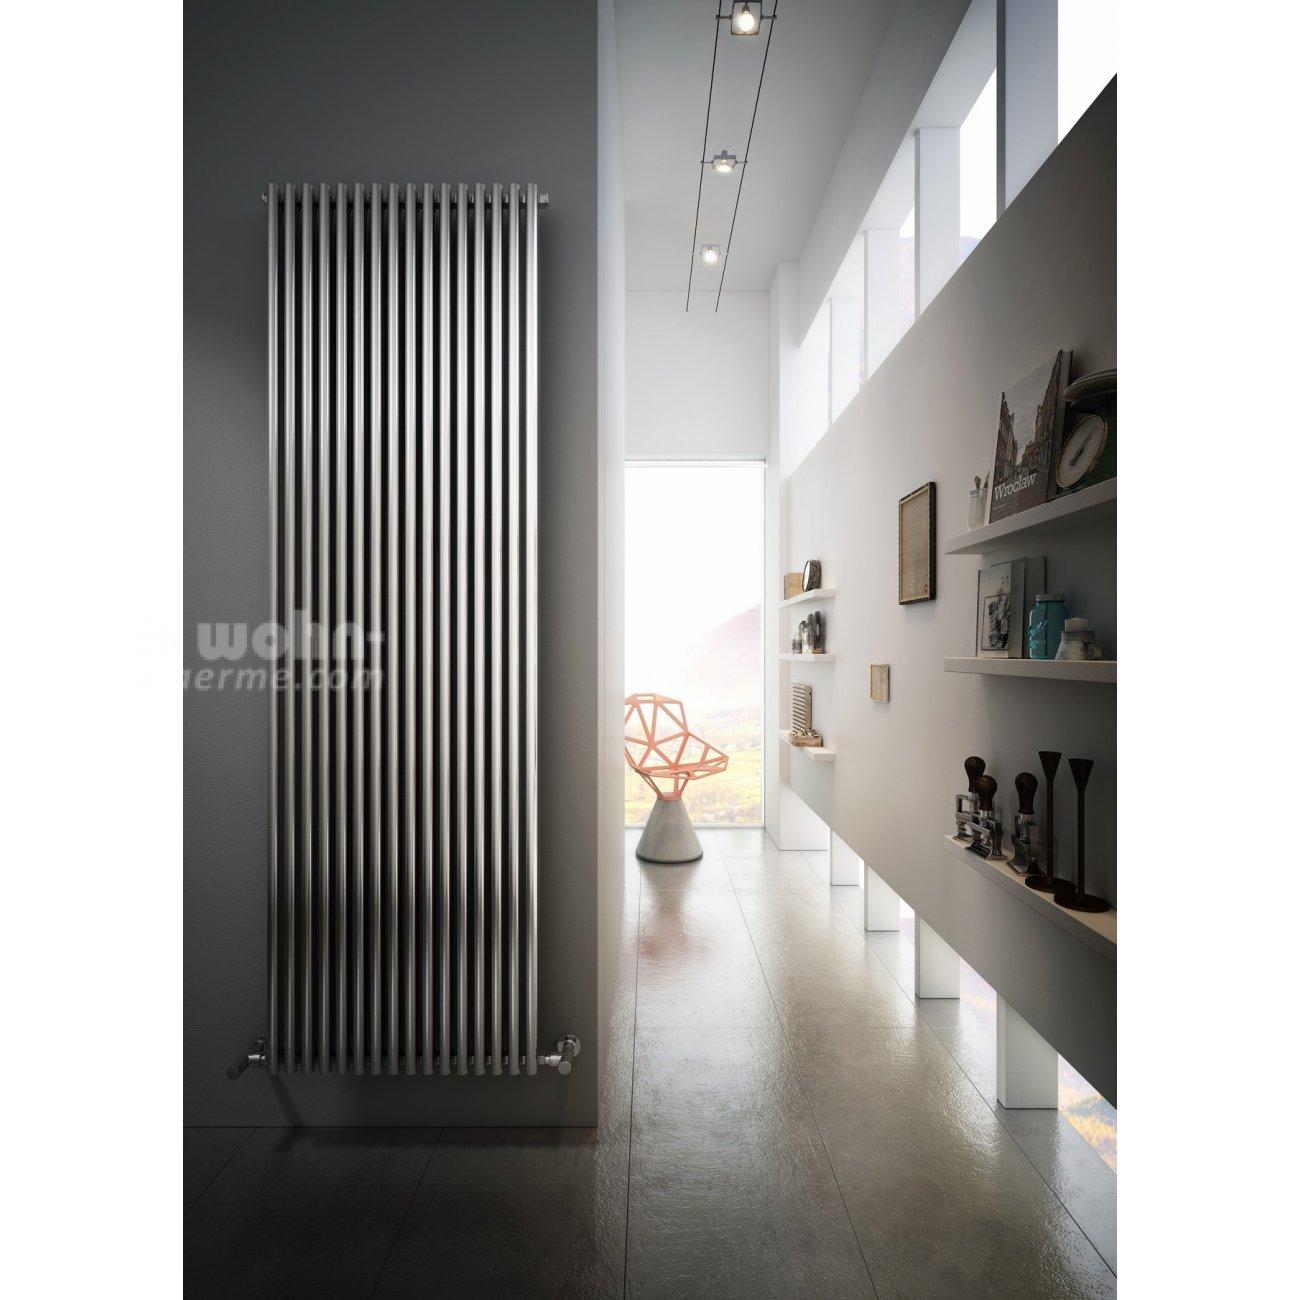 ad hoc reed design heizk rper als r hrenheizk rper. Black Bedroom Furniture Sets. Home Design Ideas